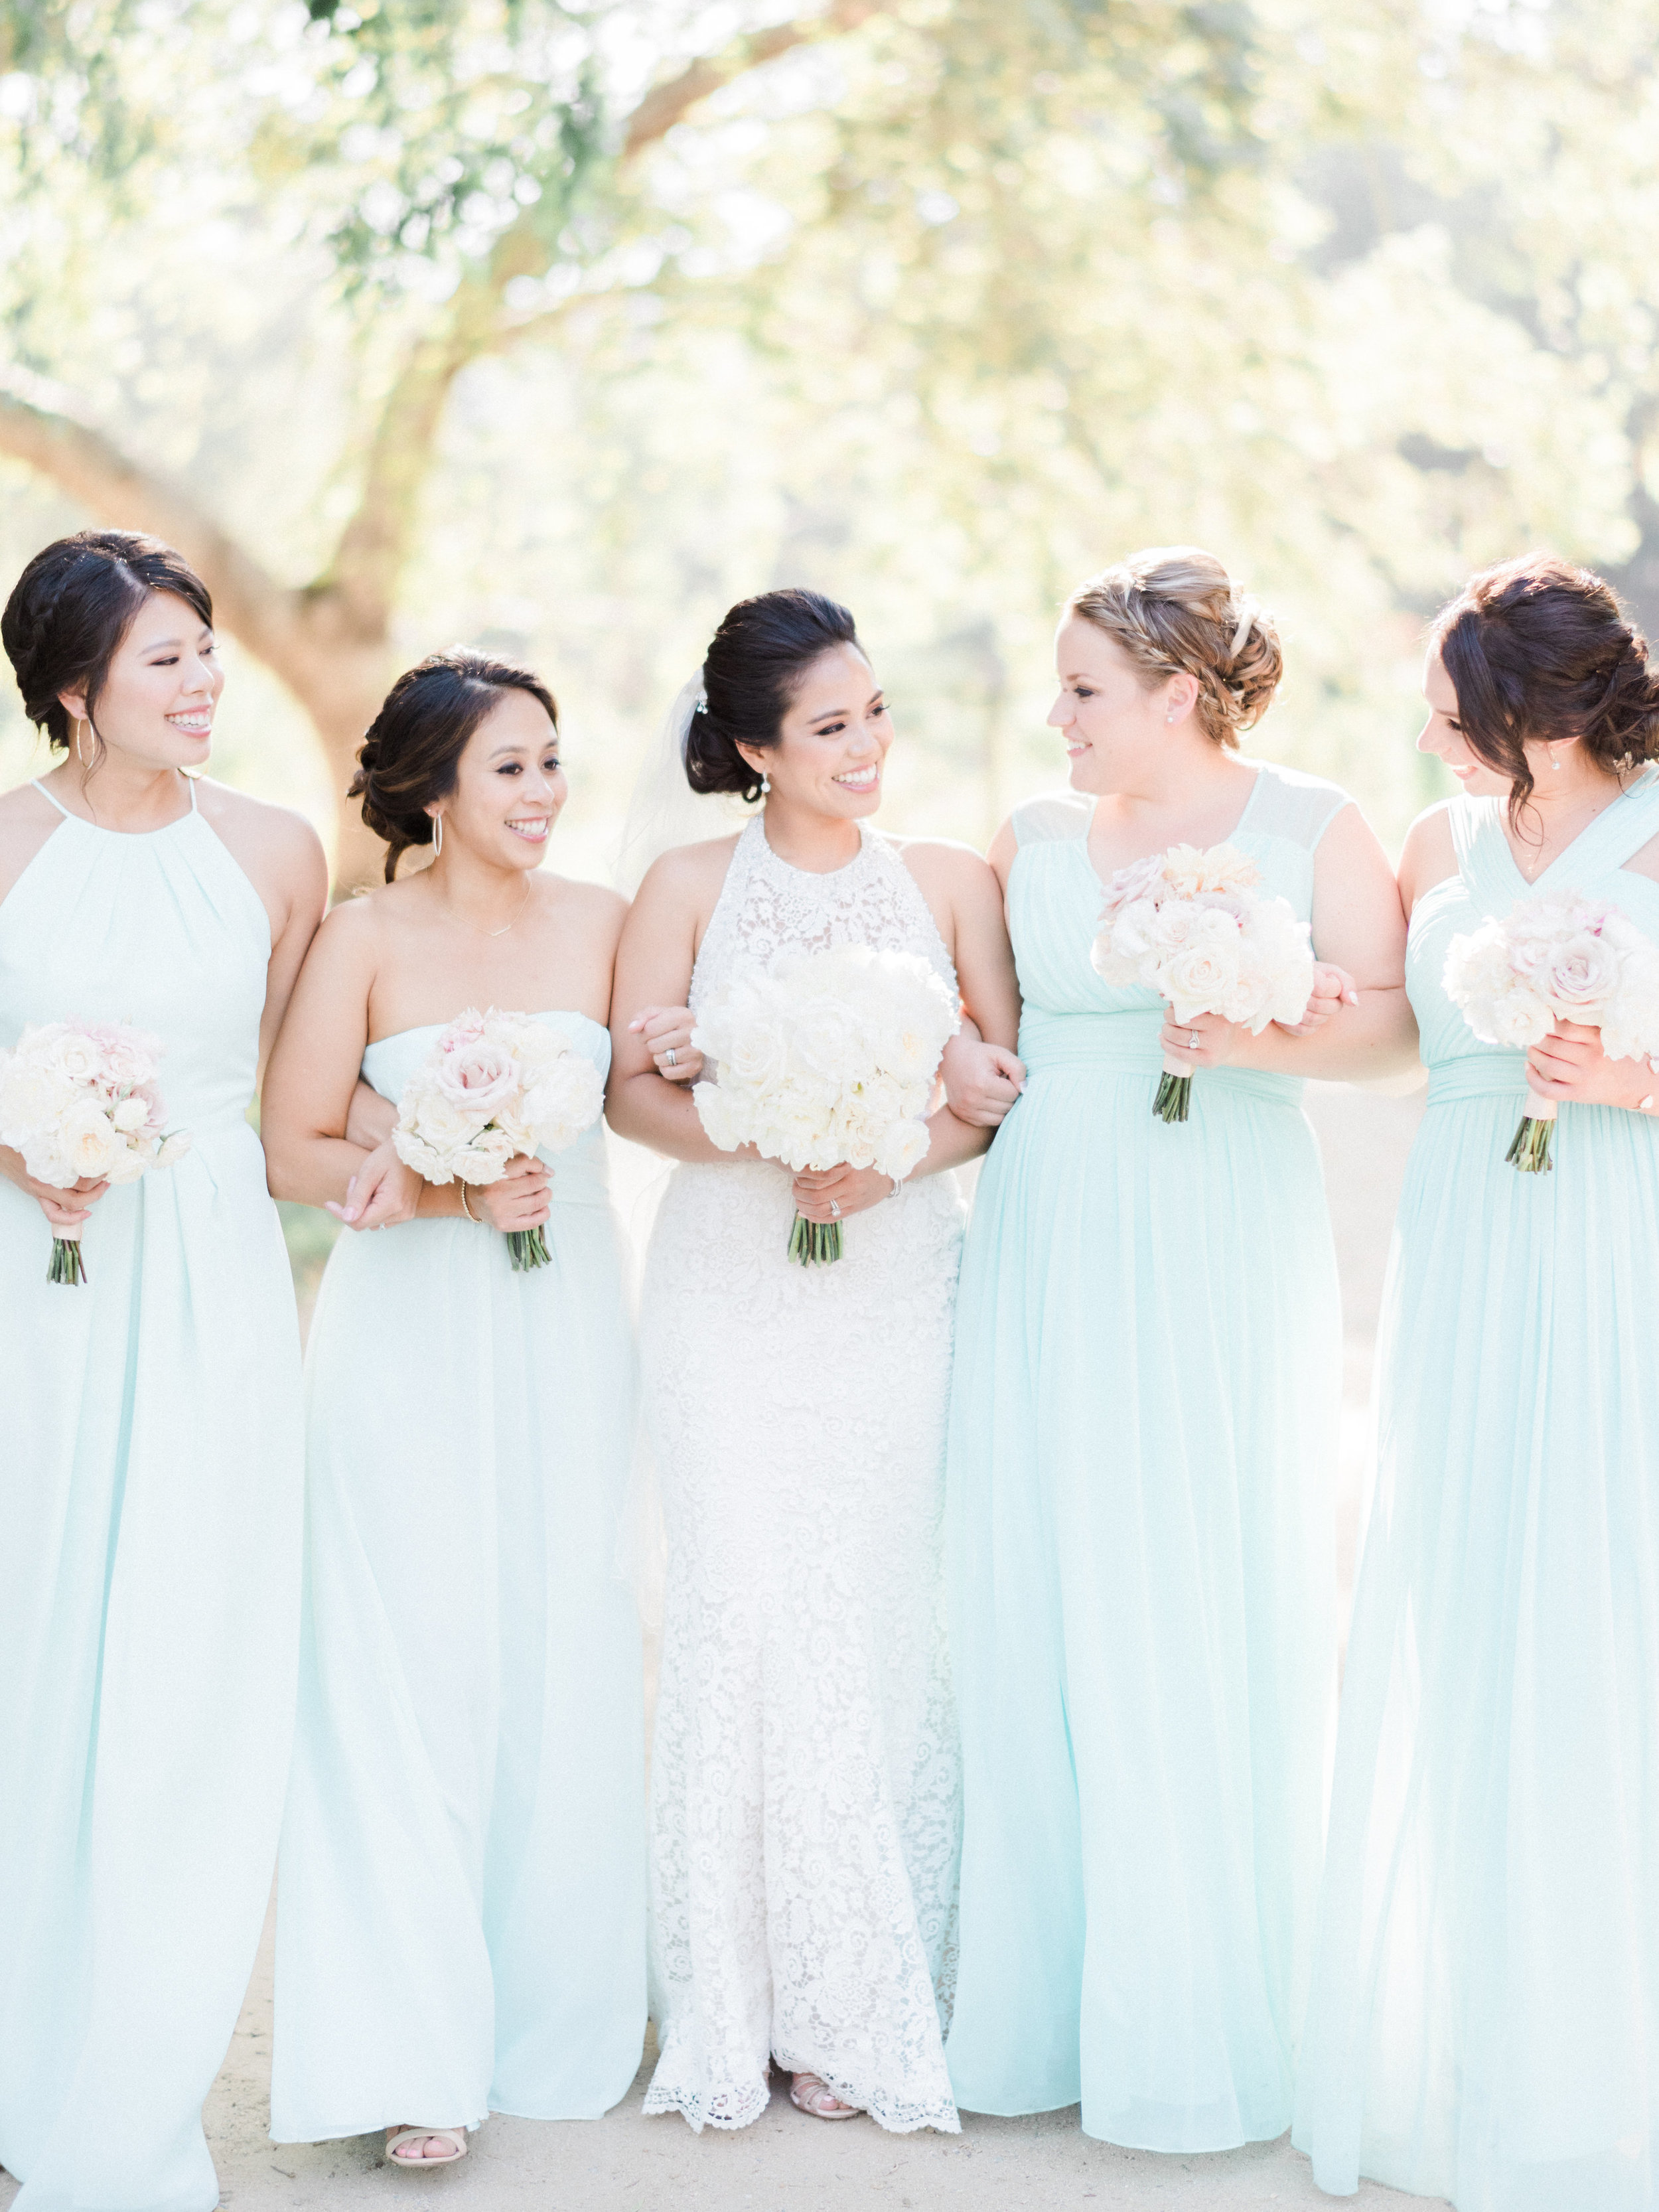 lilibethandjoey-wedding-492.jpg